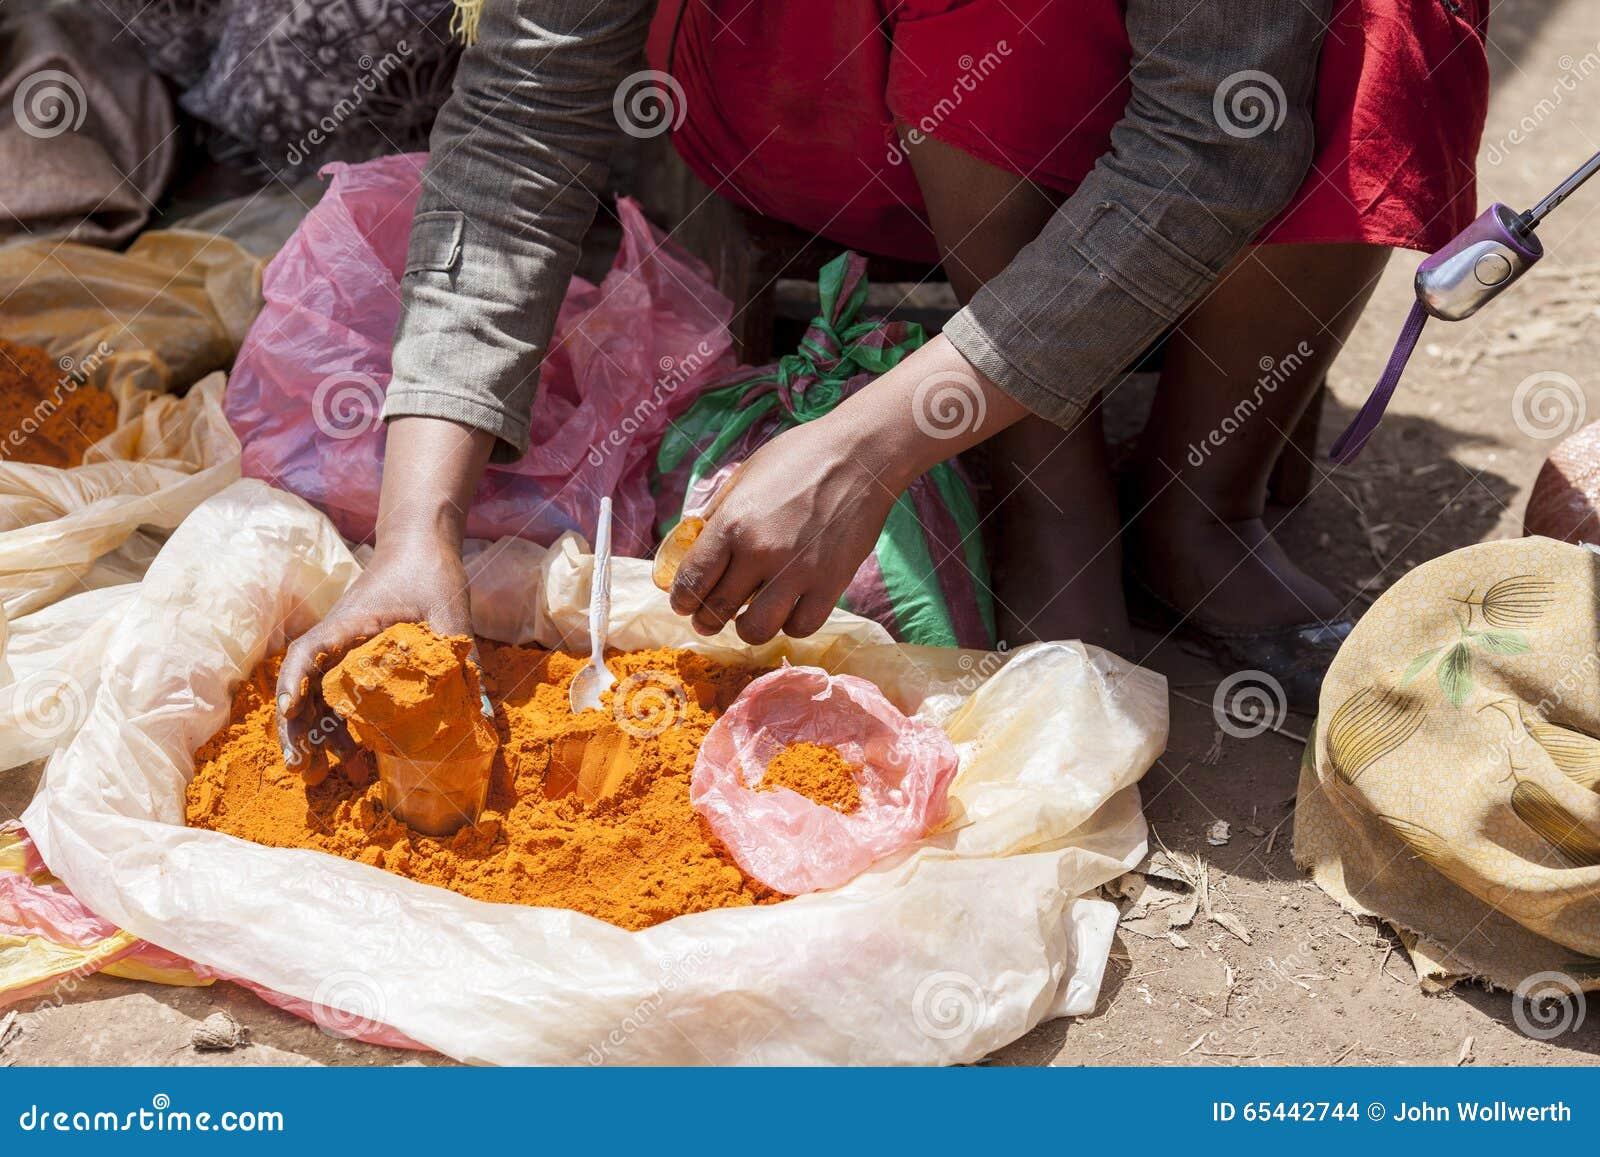 Kryddasäljare i Etiopien